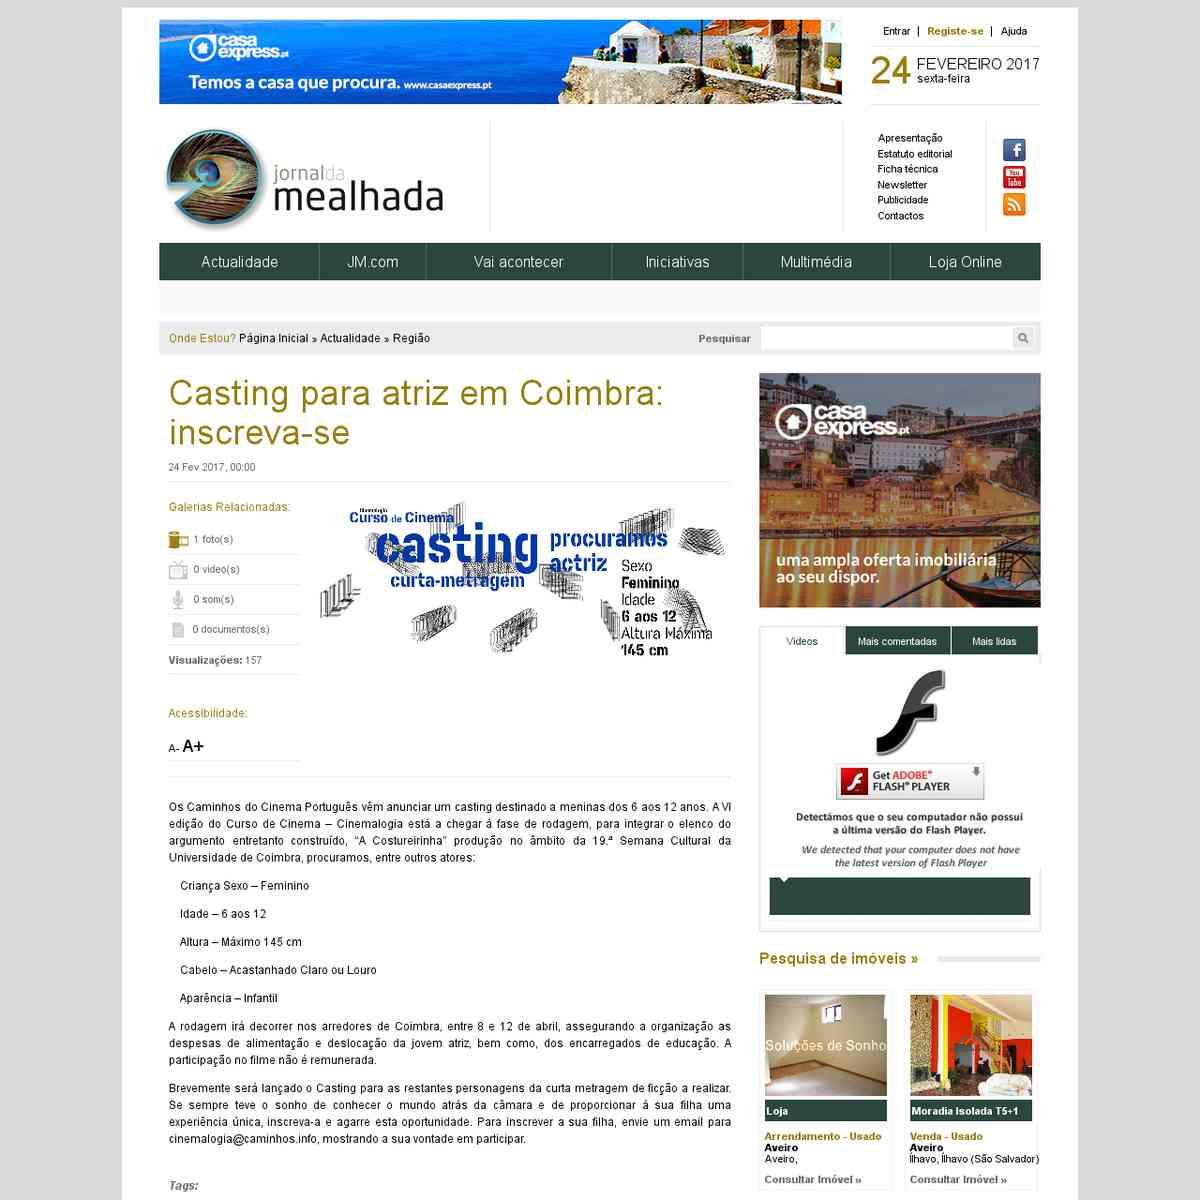 Casting para atriz em Coimbra: inscreva-se - Jornal da Mealhada